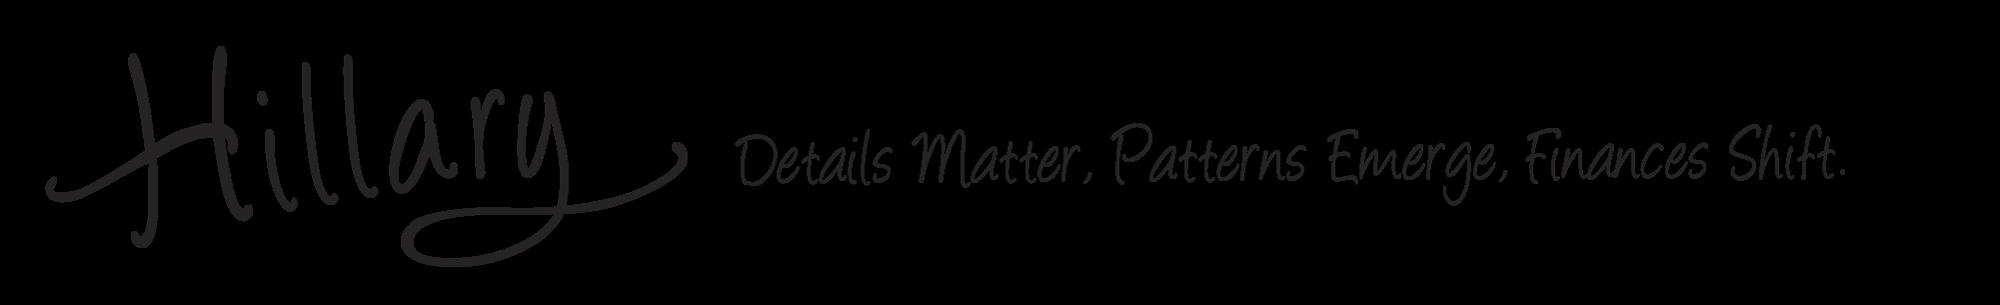 logo-with-tagline